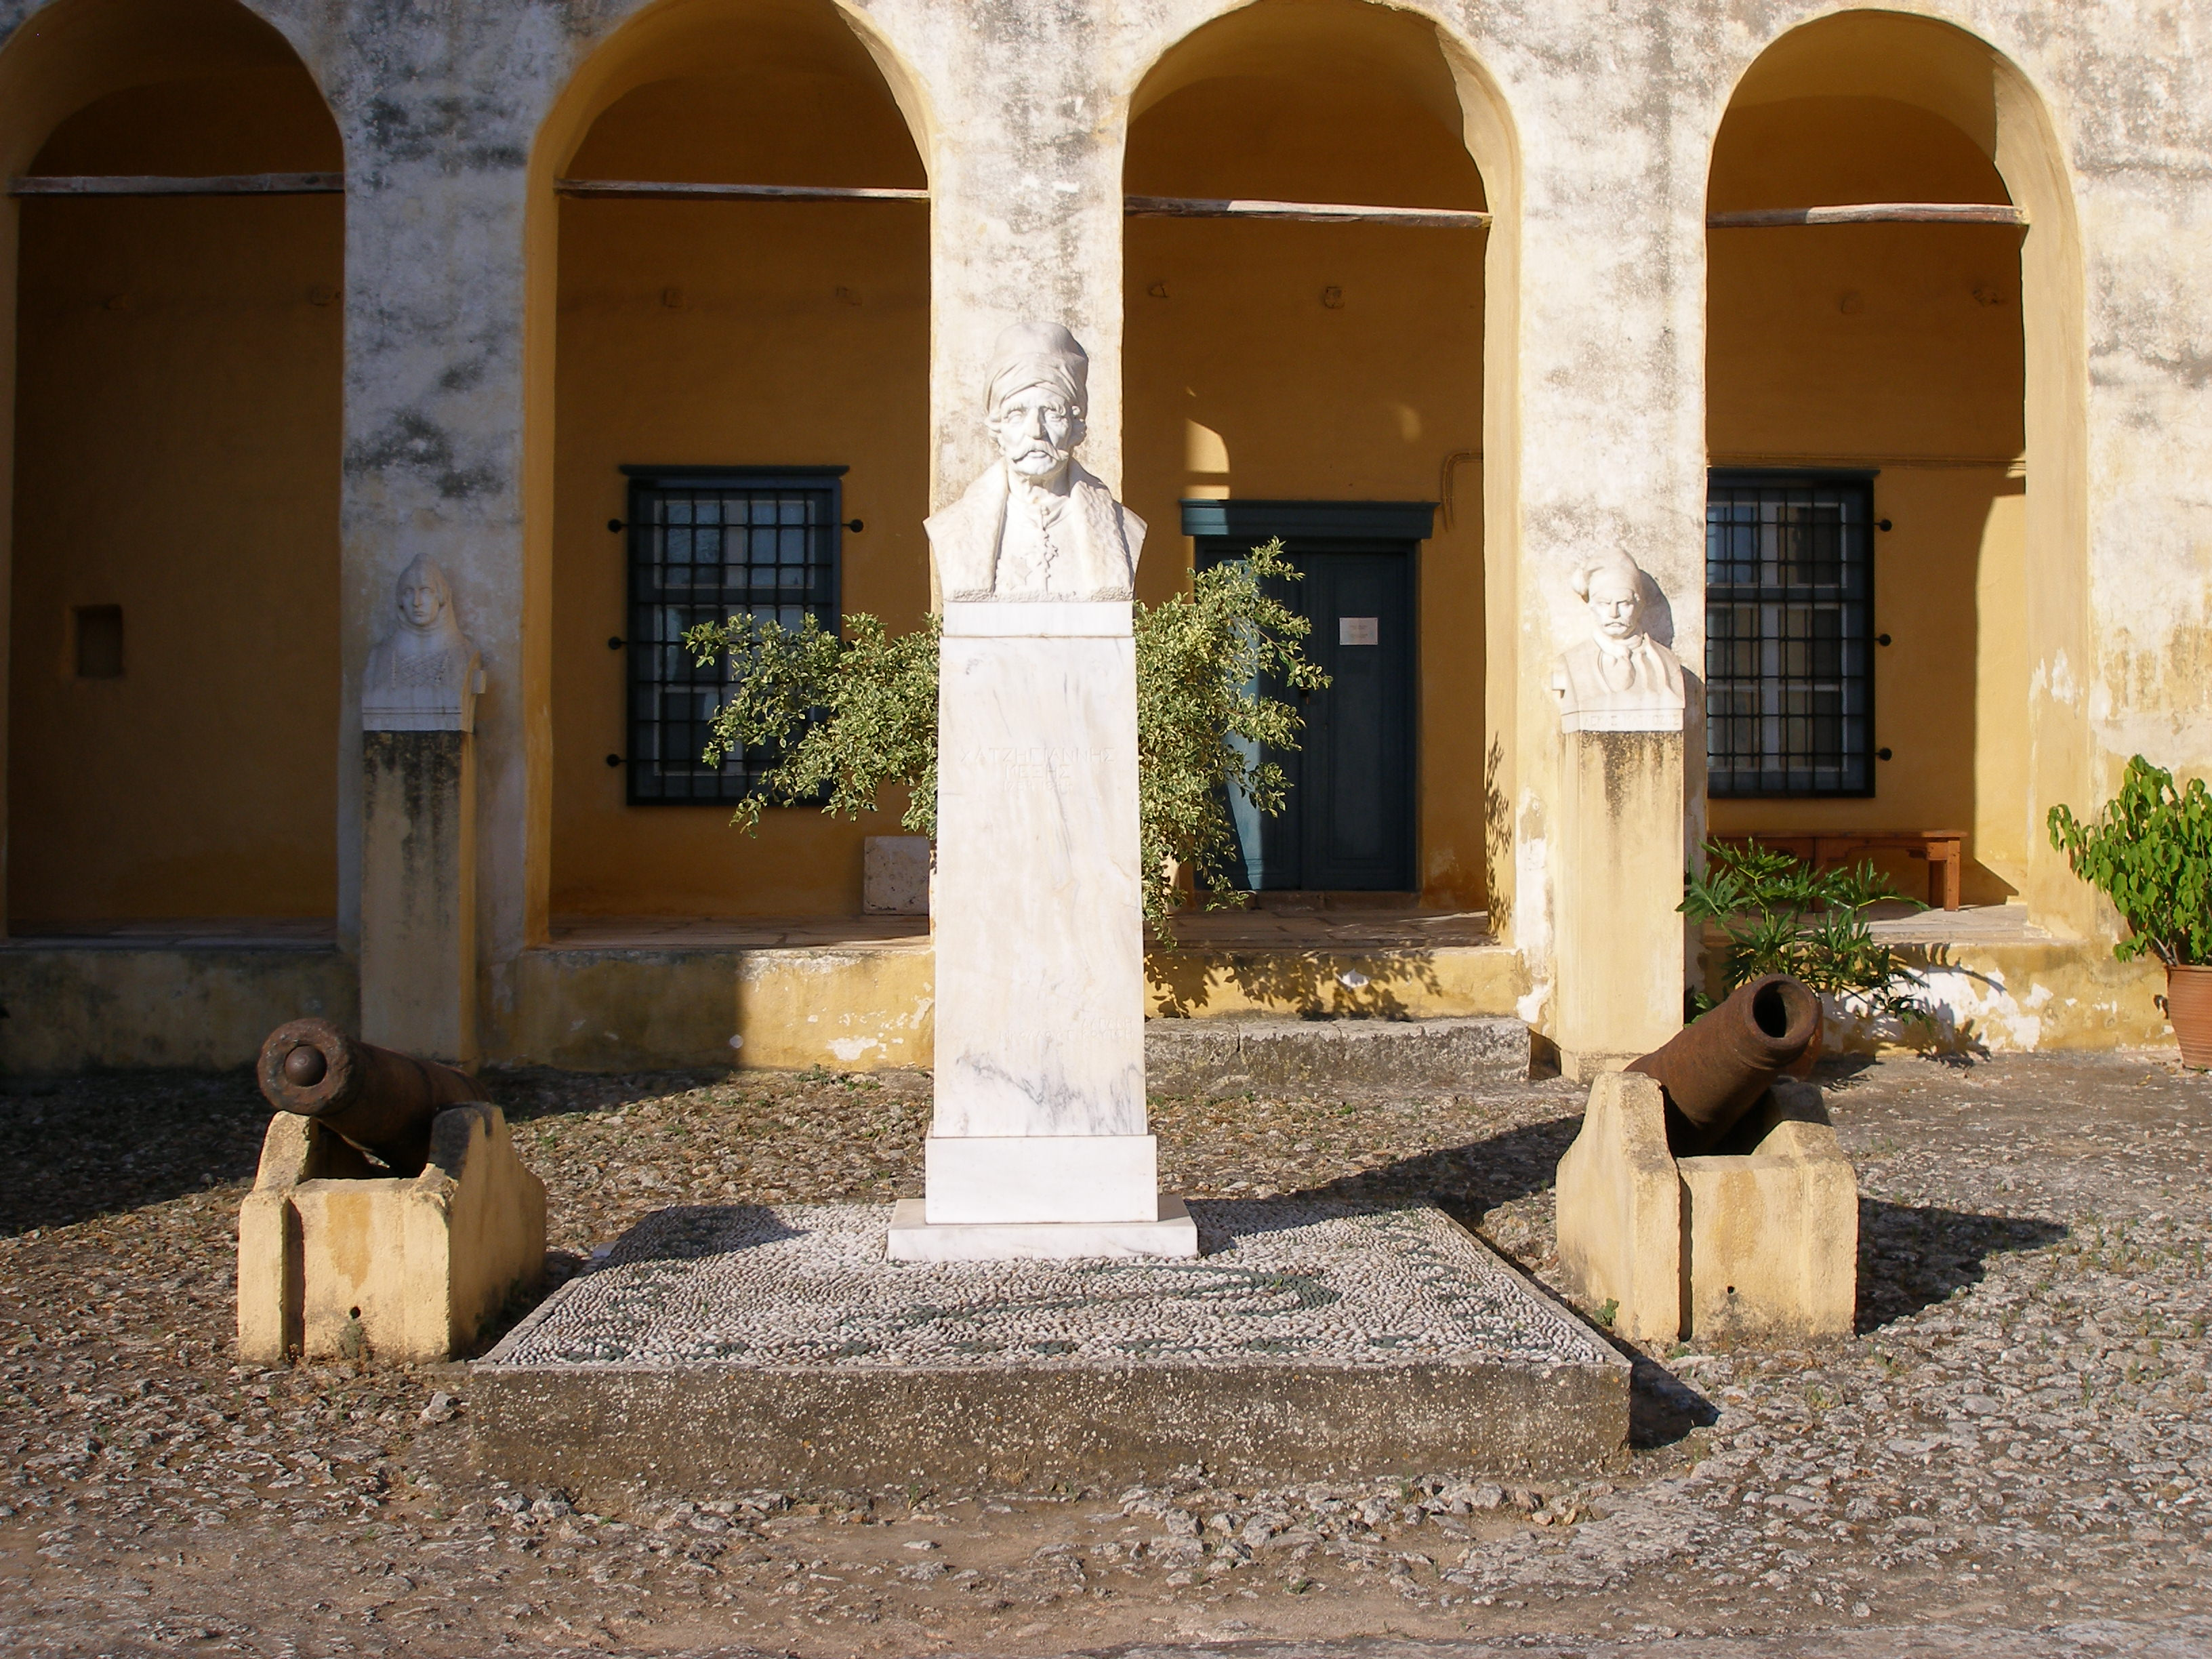 Η προτομή του Χατζηγιάννη Μέξη στον αύλειο χώρο του Μουσείου Σπετσών